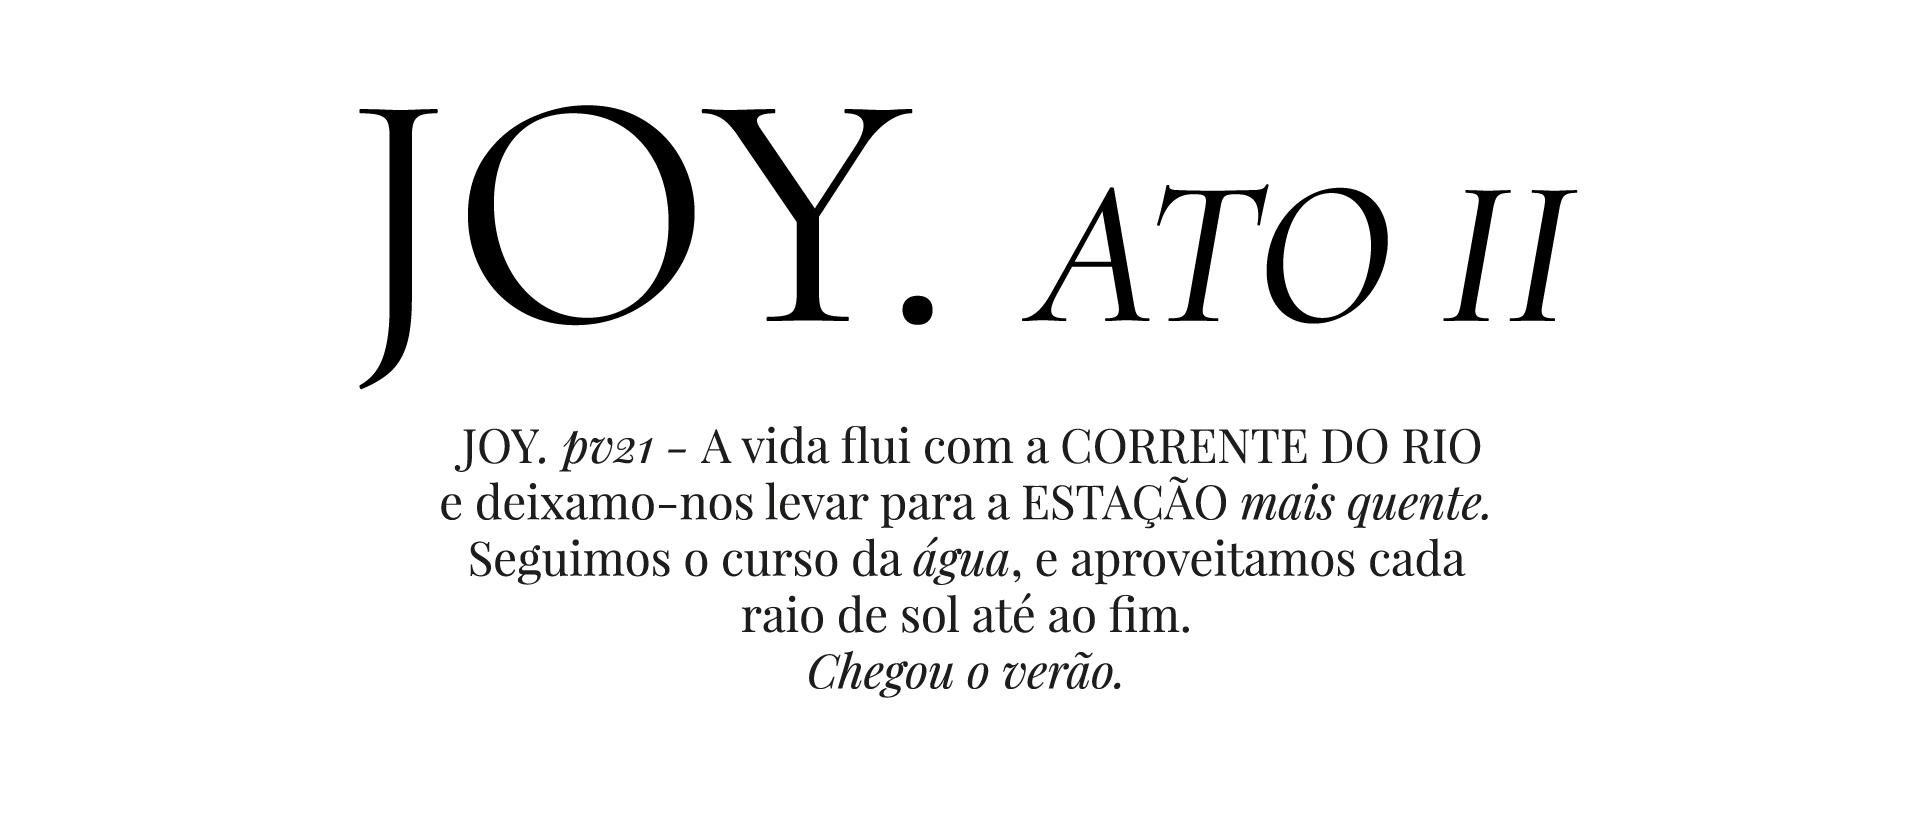 Joy Ato II